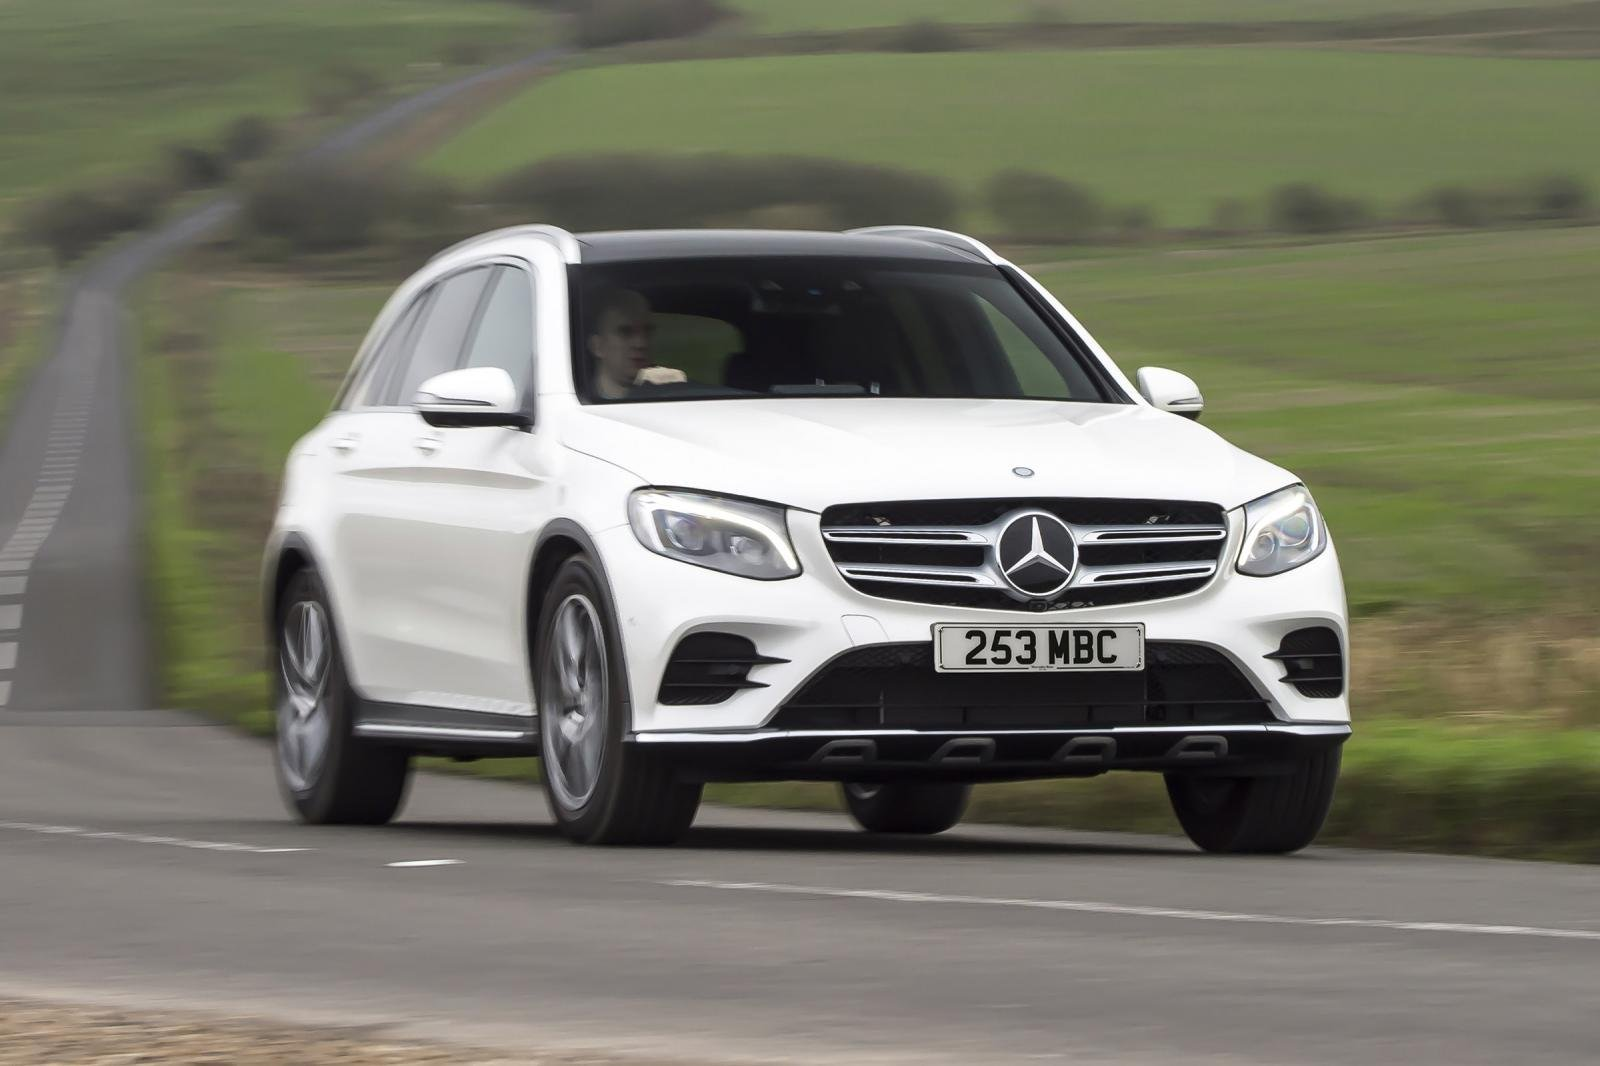 Đây là 10 mẫu xe Mercedes-Benz phiên bản 2019 đáng sở hữu nhất- Mercedes-Benz GLC 250 d 4MATIC Coupe 2019